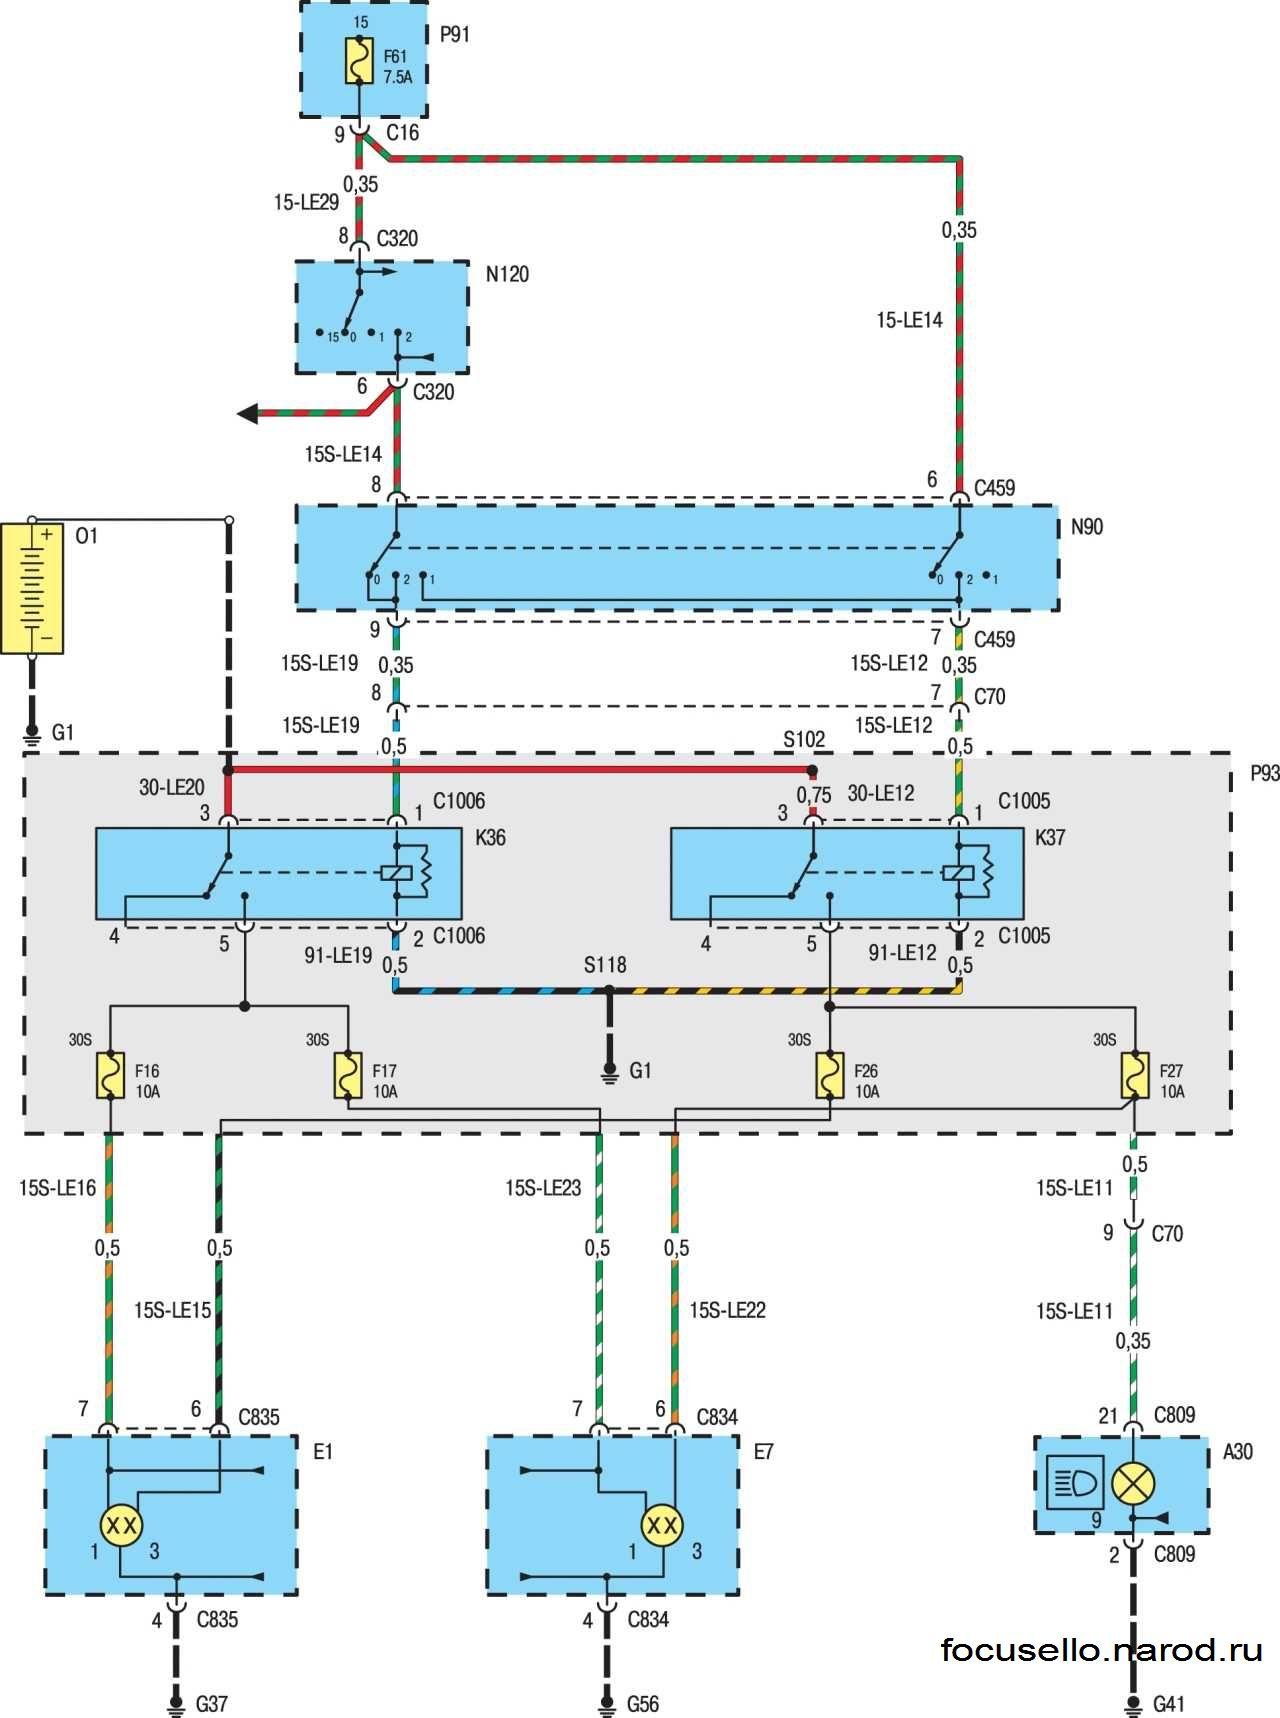 Цвет проводов на схемах электрических соединений.  Здесь могут легко присоединяться новые модули, без изменения...